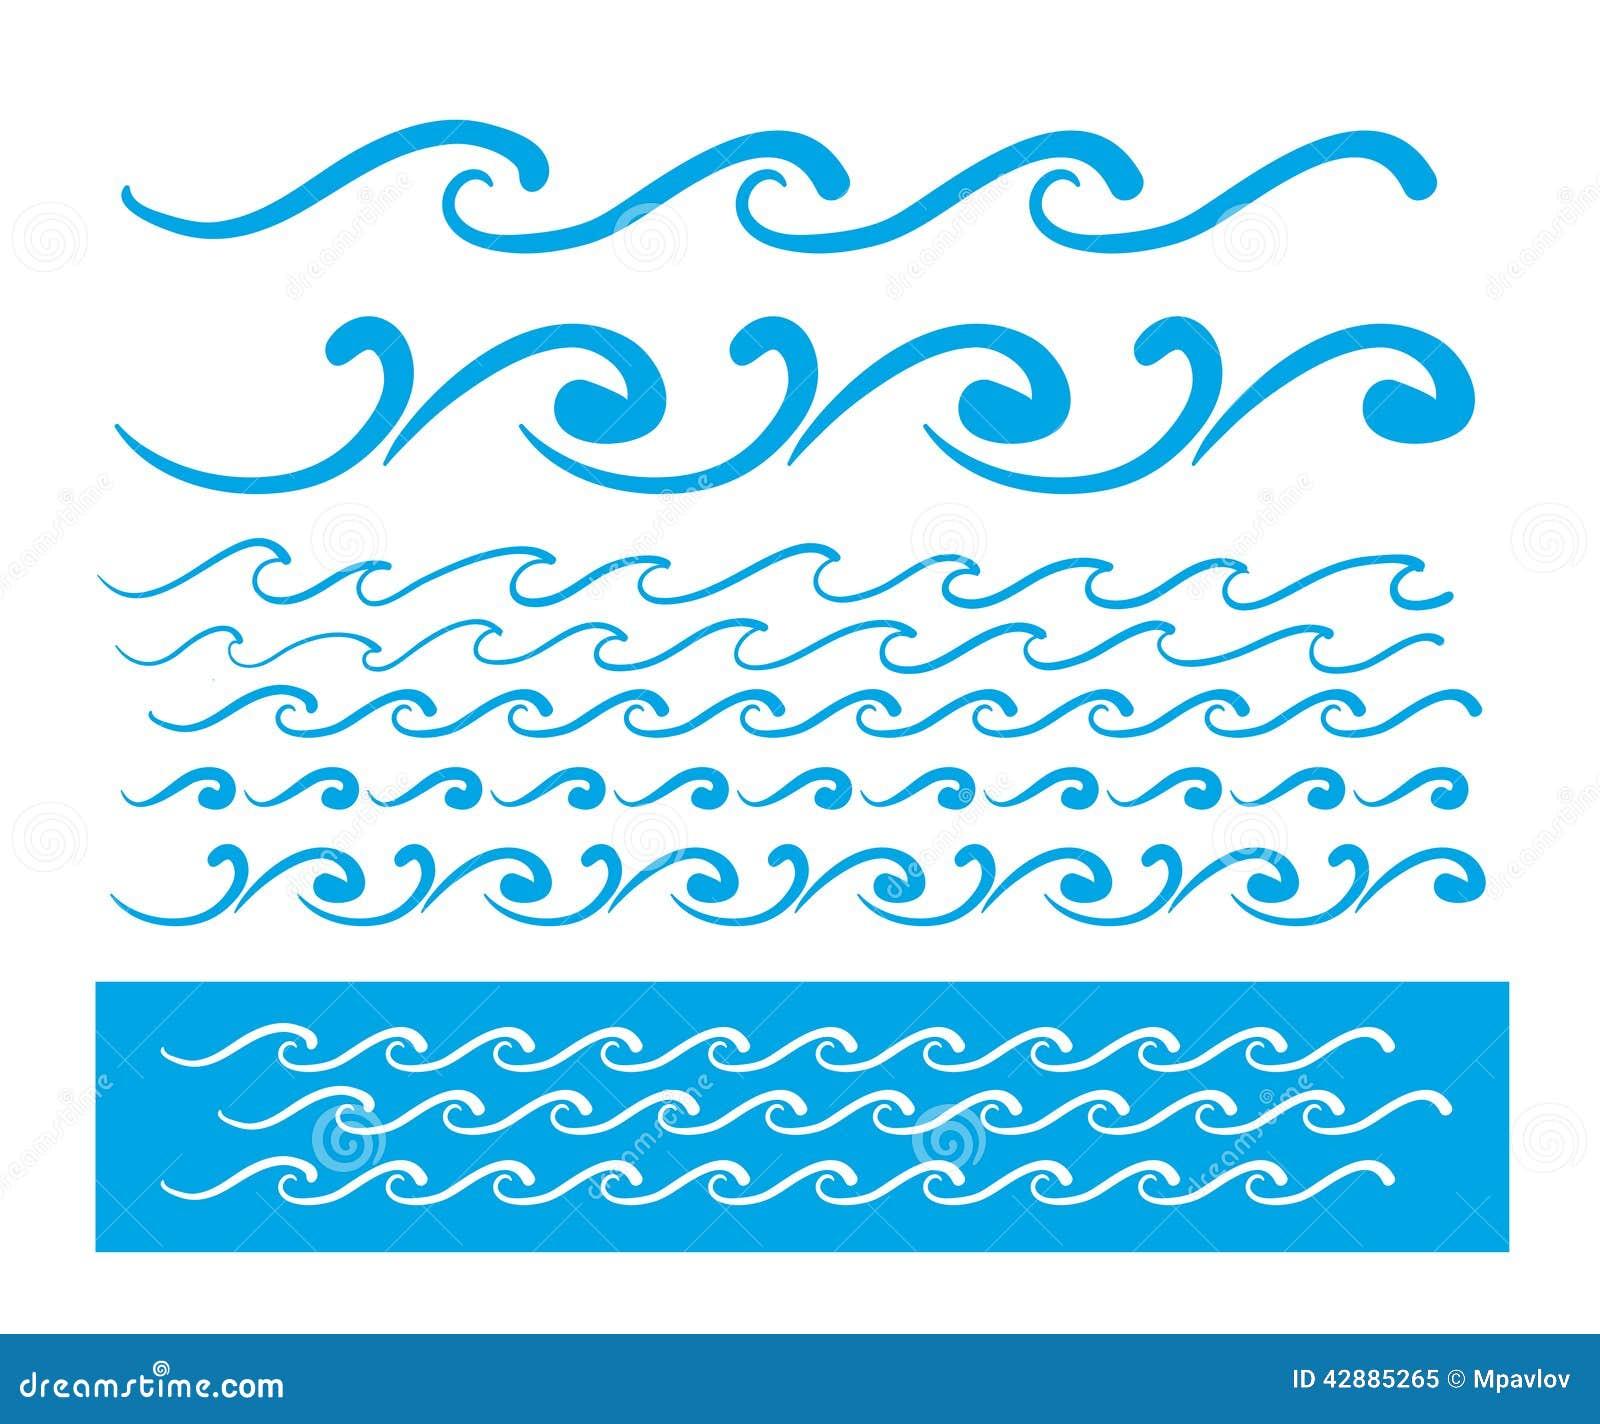 clipart wave line - photo #18